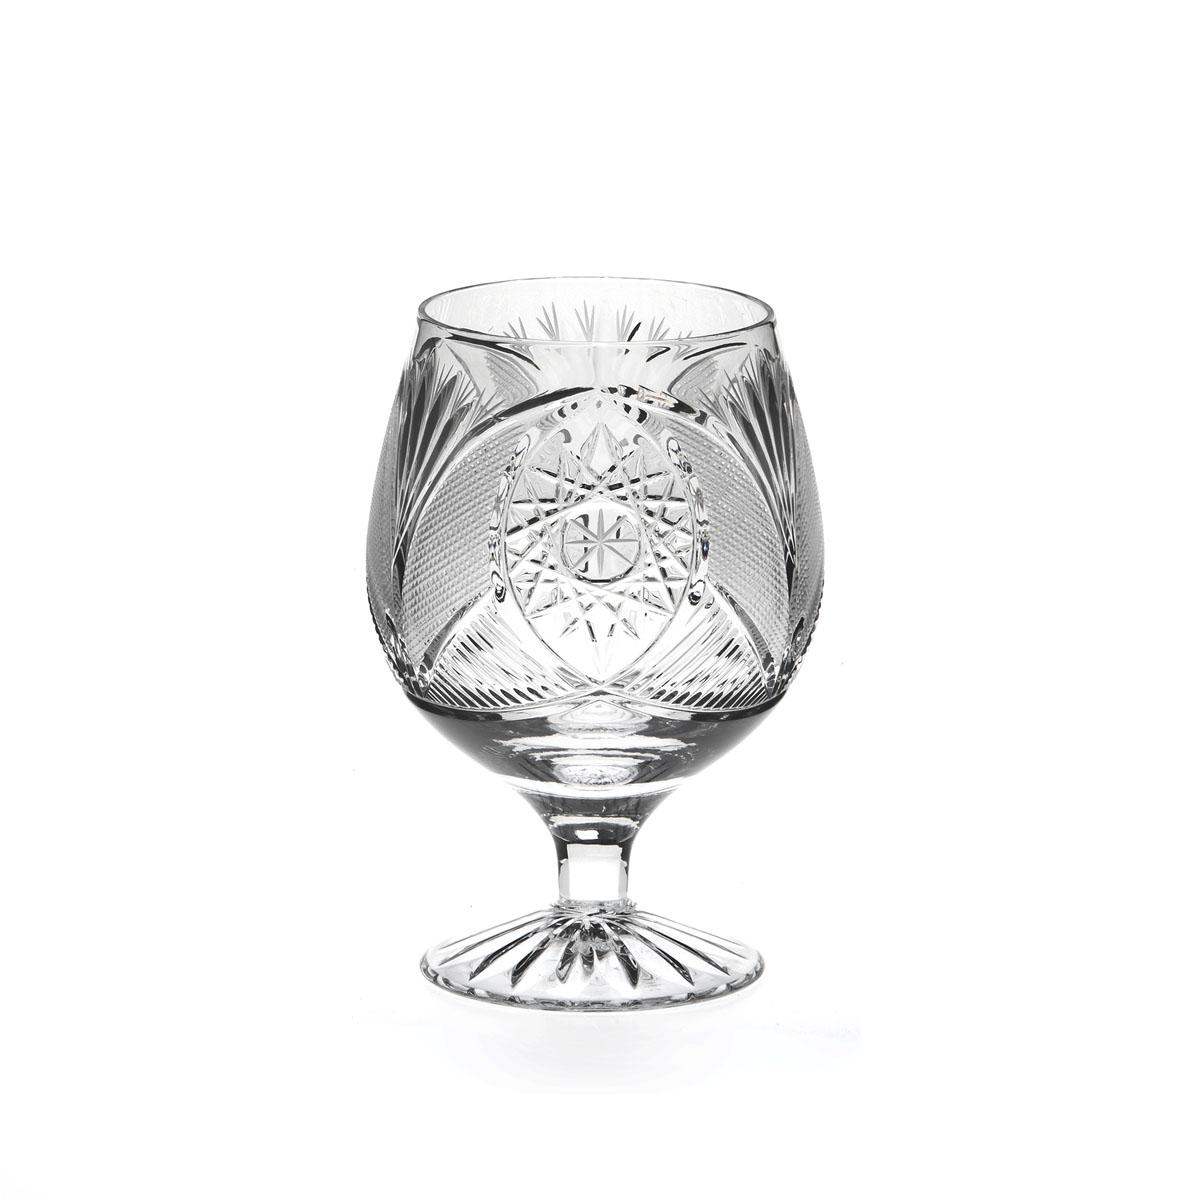 Рюмка Дятьковский хрусталь Совмин, 100 мл. С318/4SC-FD421005Хрустальные рюмки - пожалуй самая необходимая и прывичная часть посуды в каждом русском доме. Это посуда сугубо для алкогольных напитков. Вообще существует закономерность - чем крепче спиртной напиток, тем меньше объем рюмки, бокала или стопки. Хрустальные рюмки для водки - самые маленькие, а хрустальный рюмки для ликеров, коктейлей и вина - обычно больше.